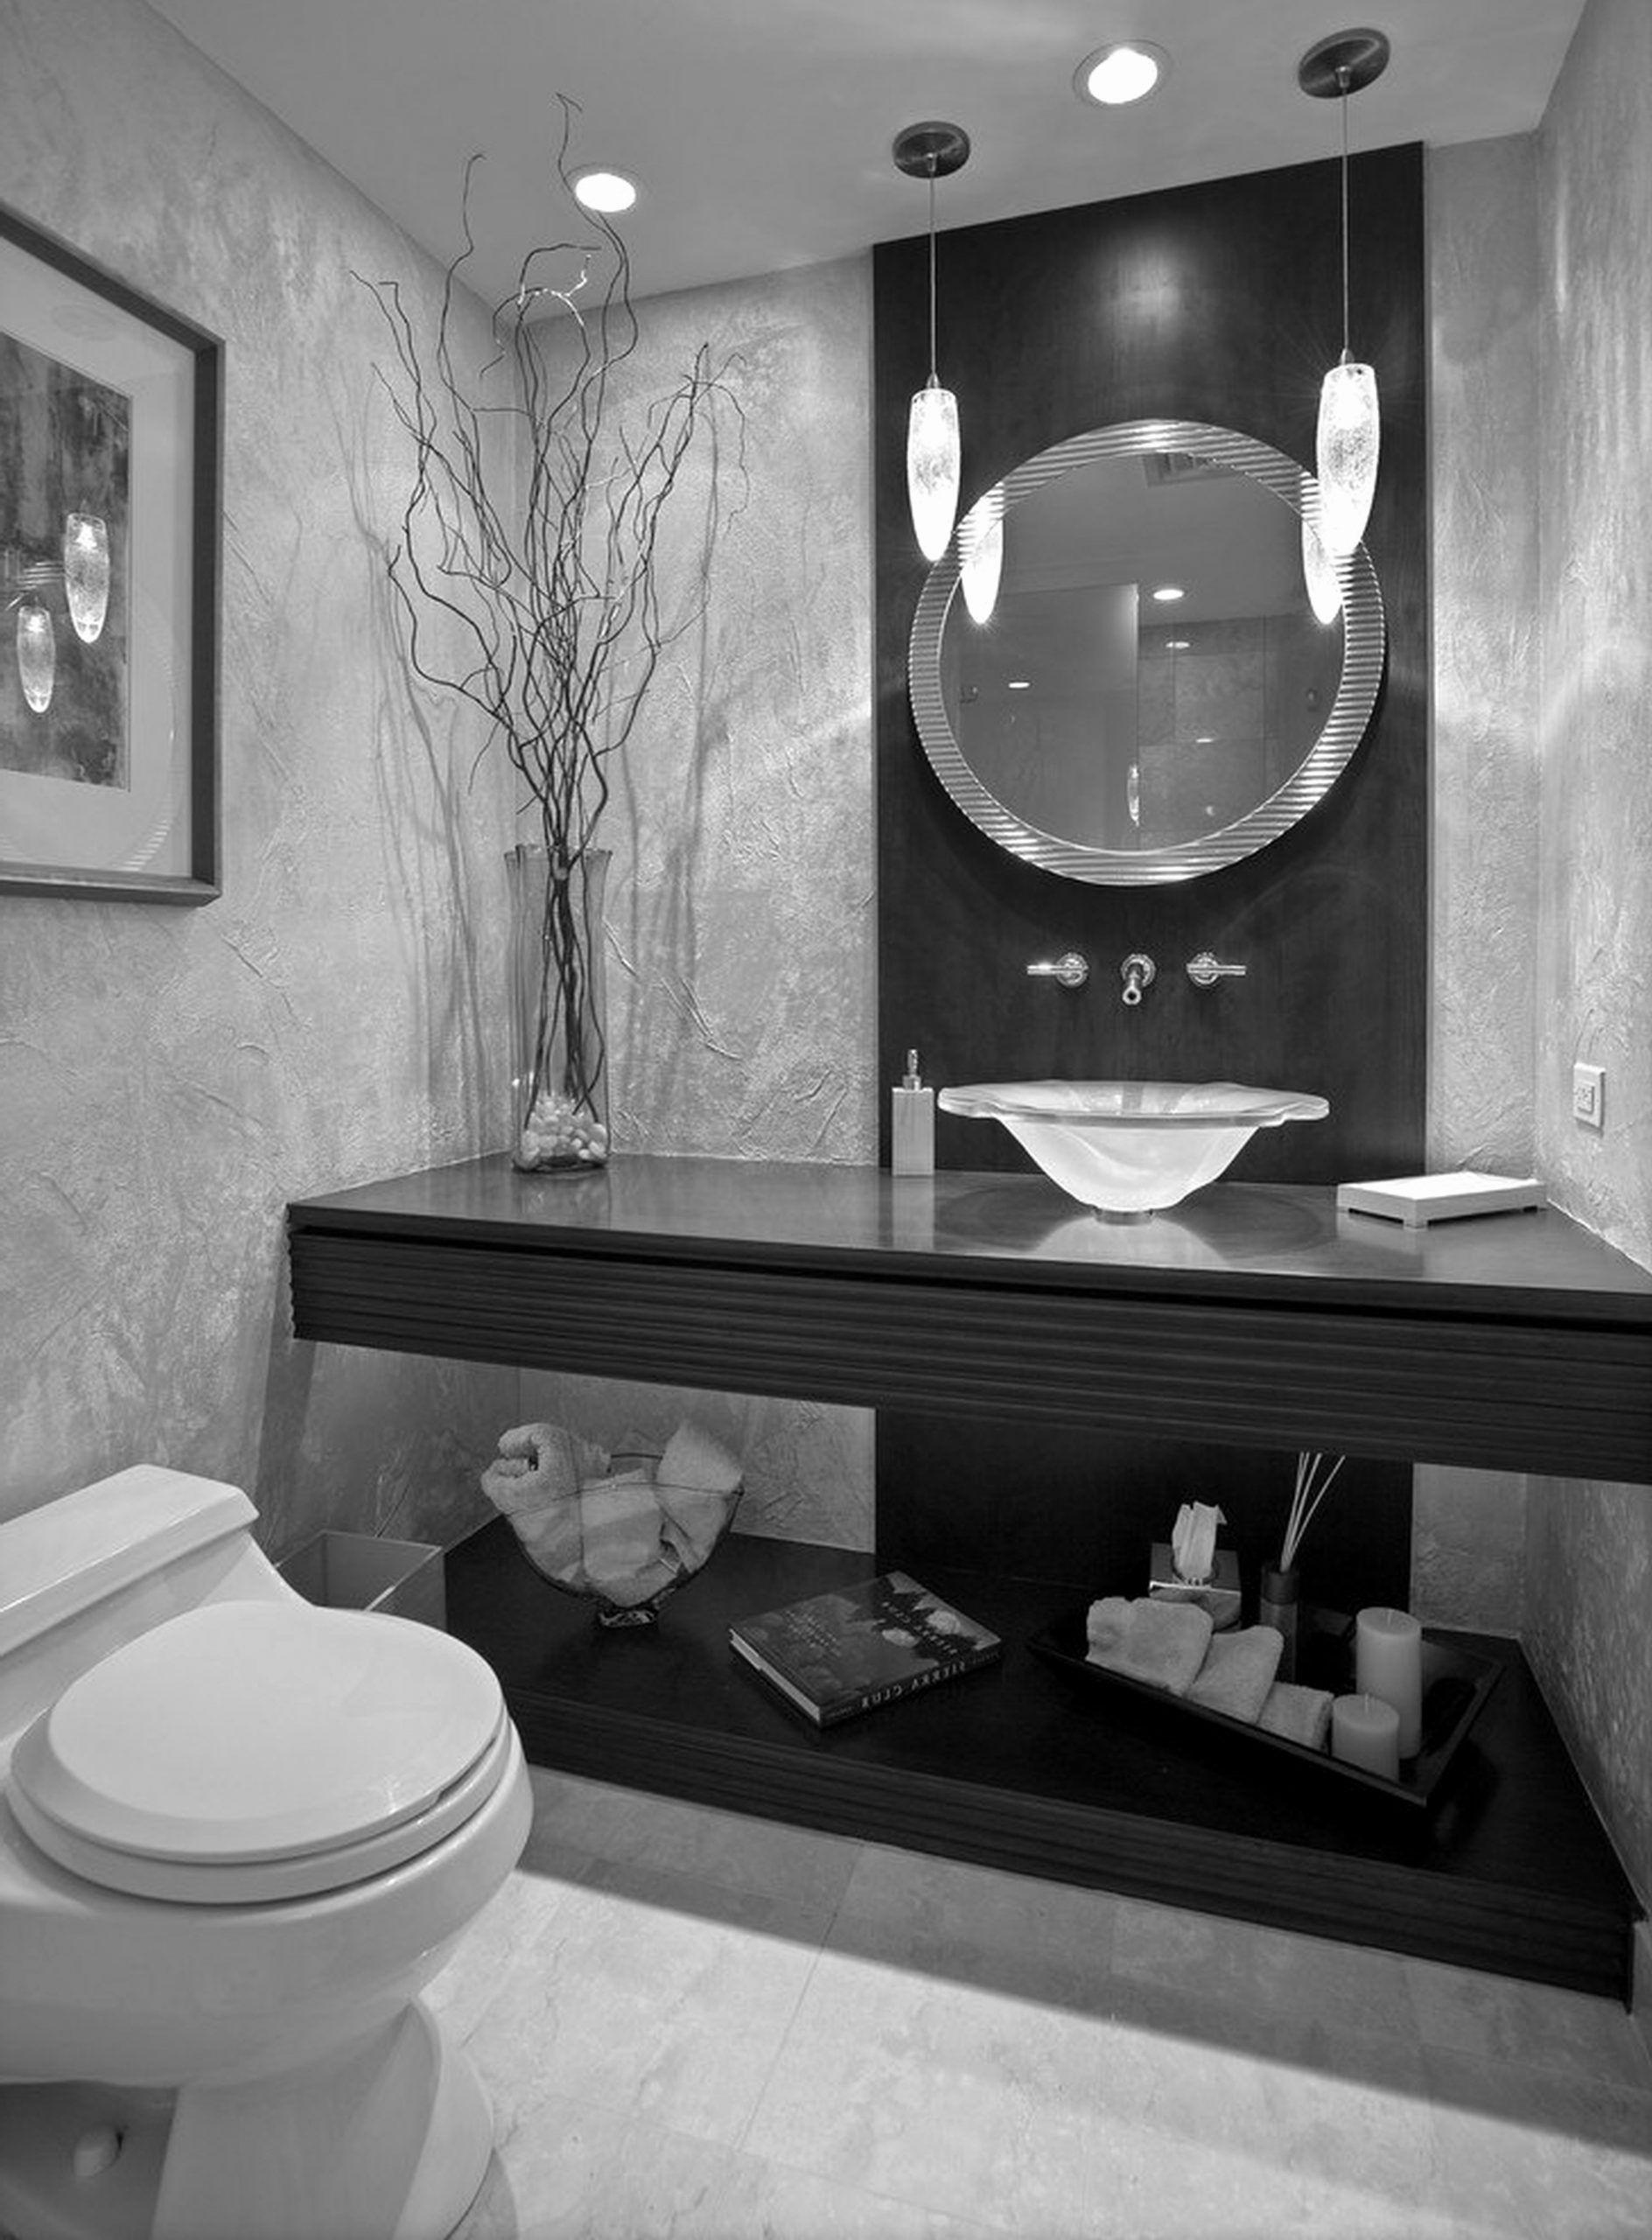 9 Aqua And Gray Bathroom Decor In 2020 Silver Bathroom Black